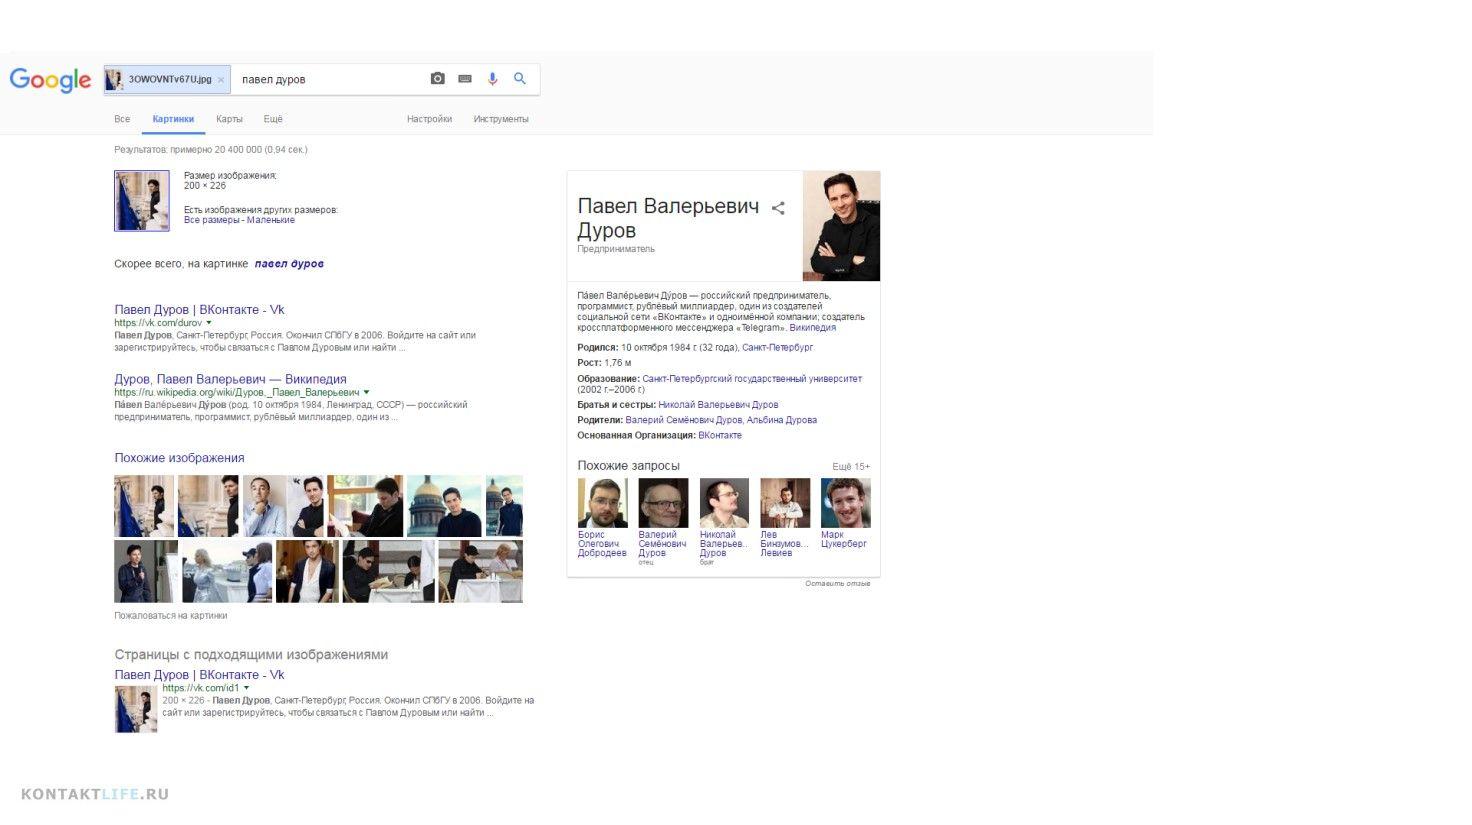 Фотопоиск в гугл